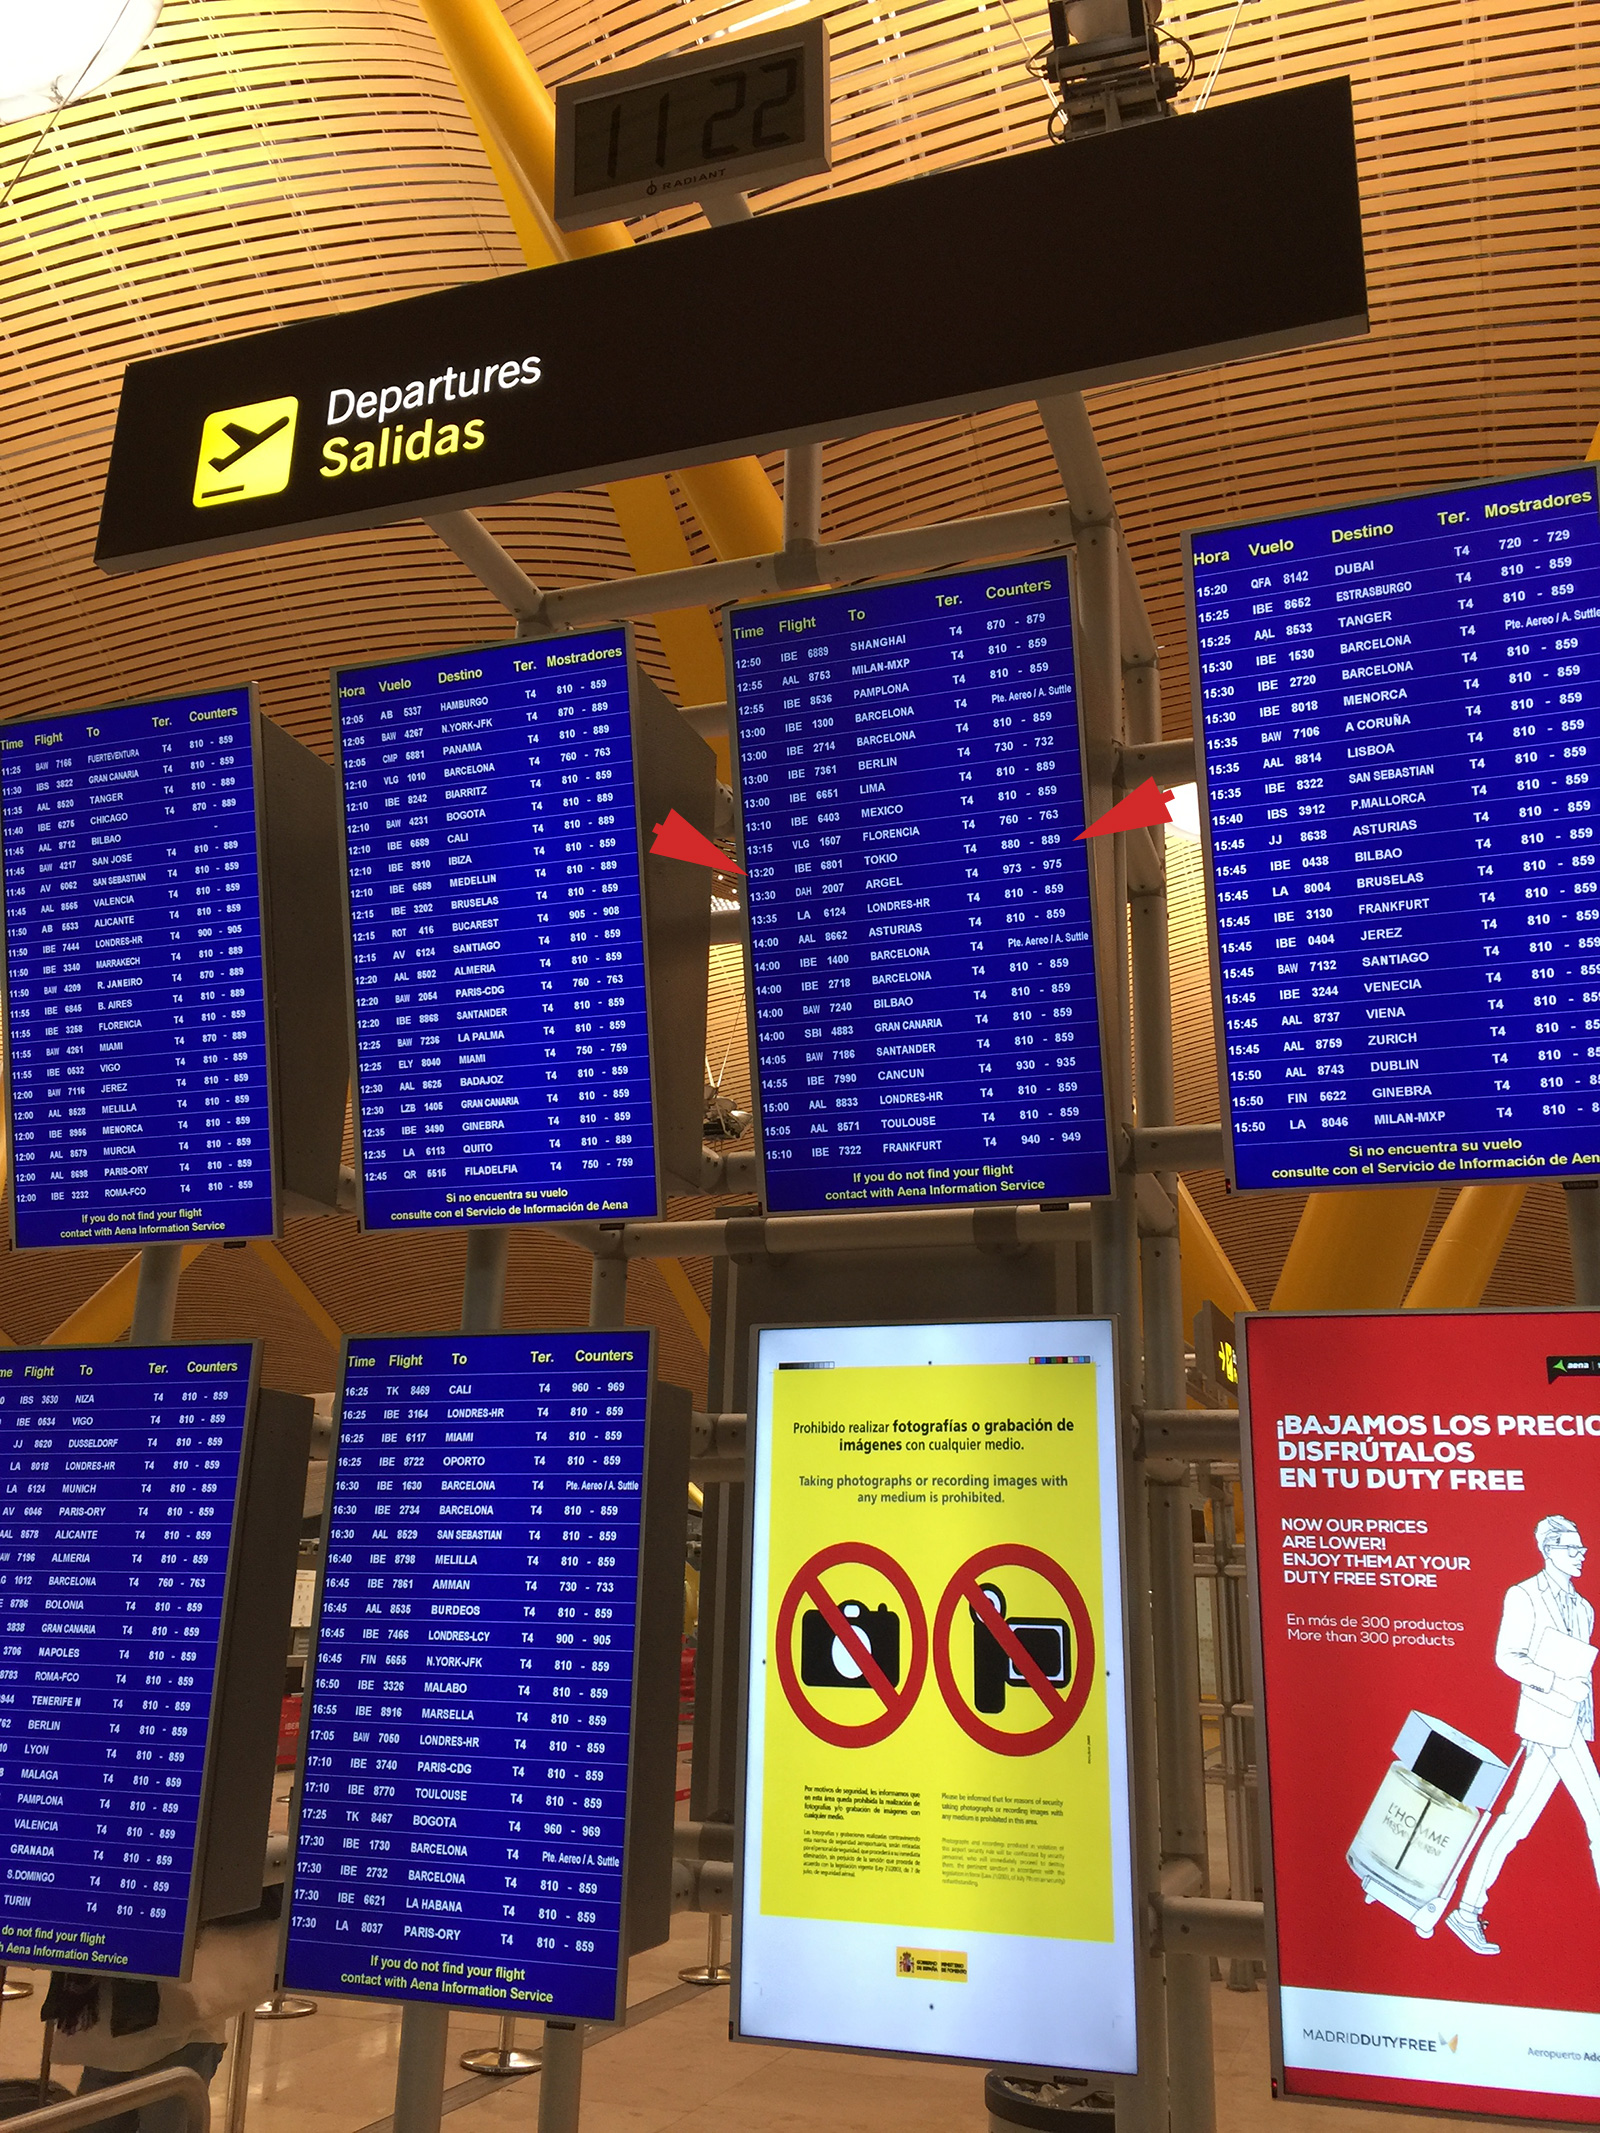 Tokio en la lista de destinos de Madrid Barajas